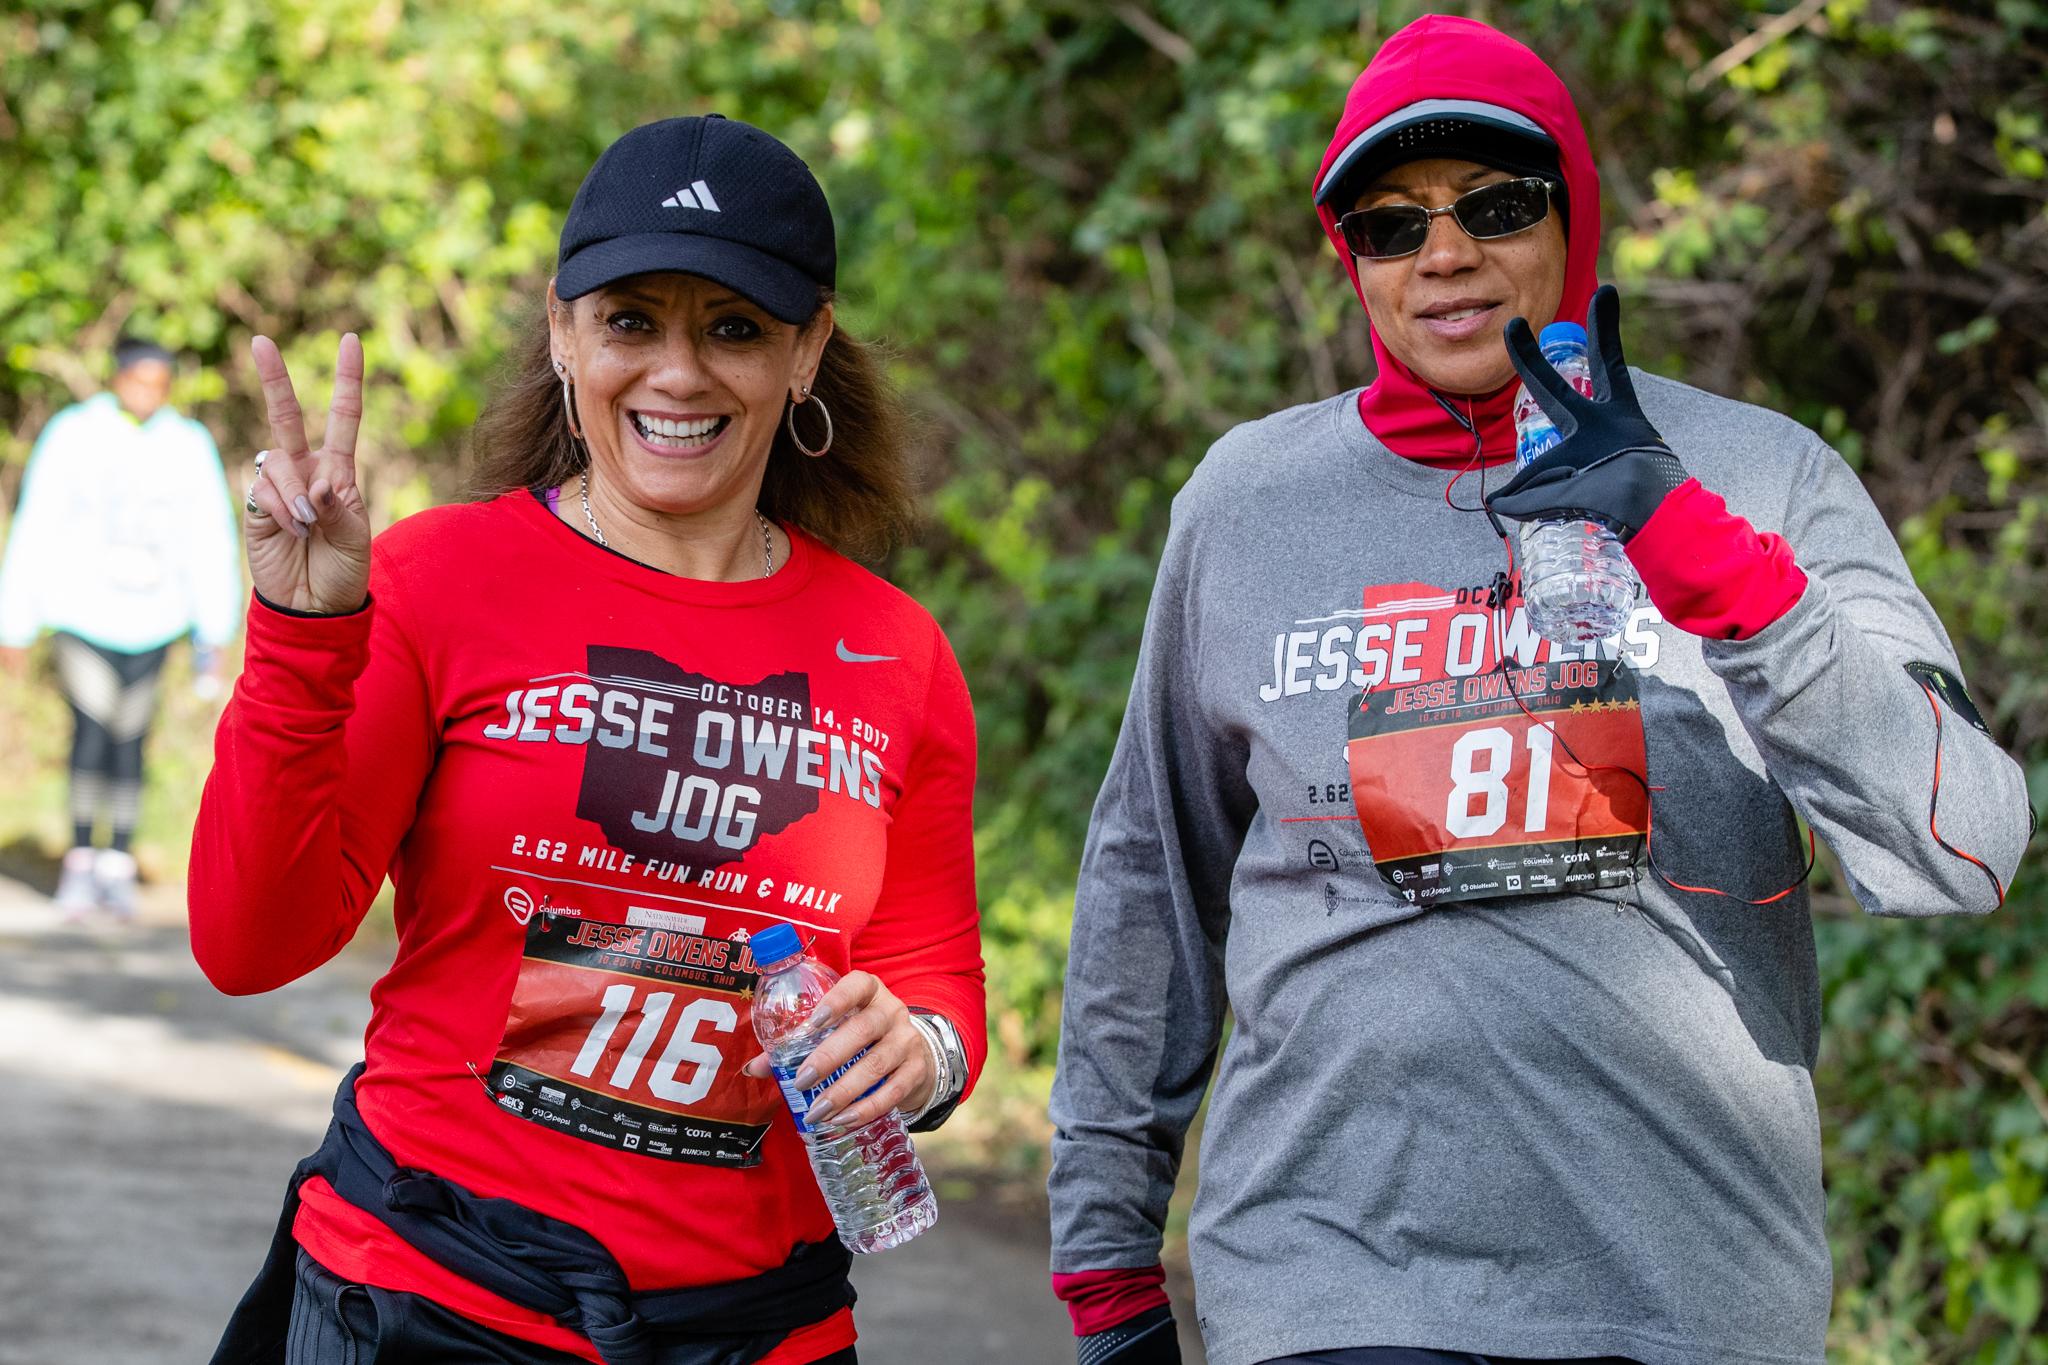 Jesse-Owens-Jog-2018_176_bko.jpg